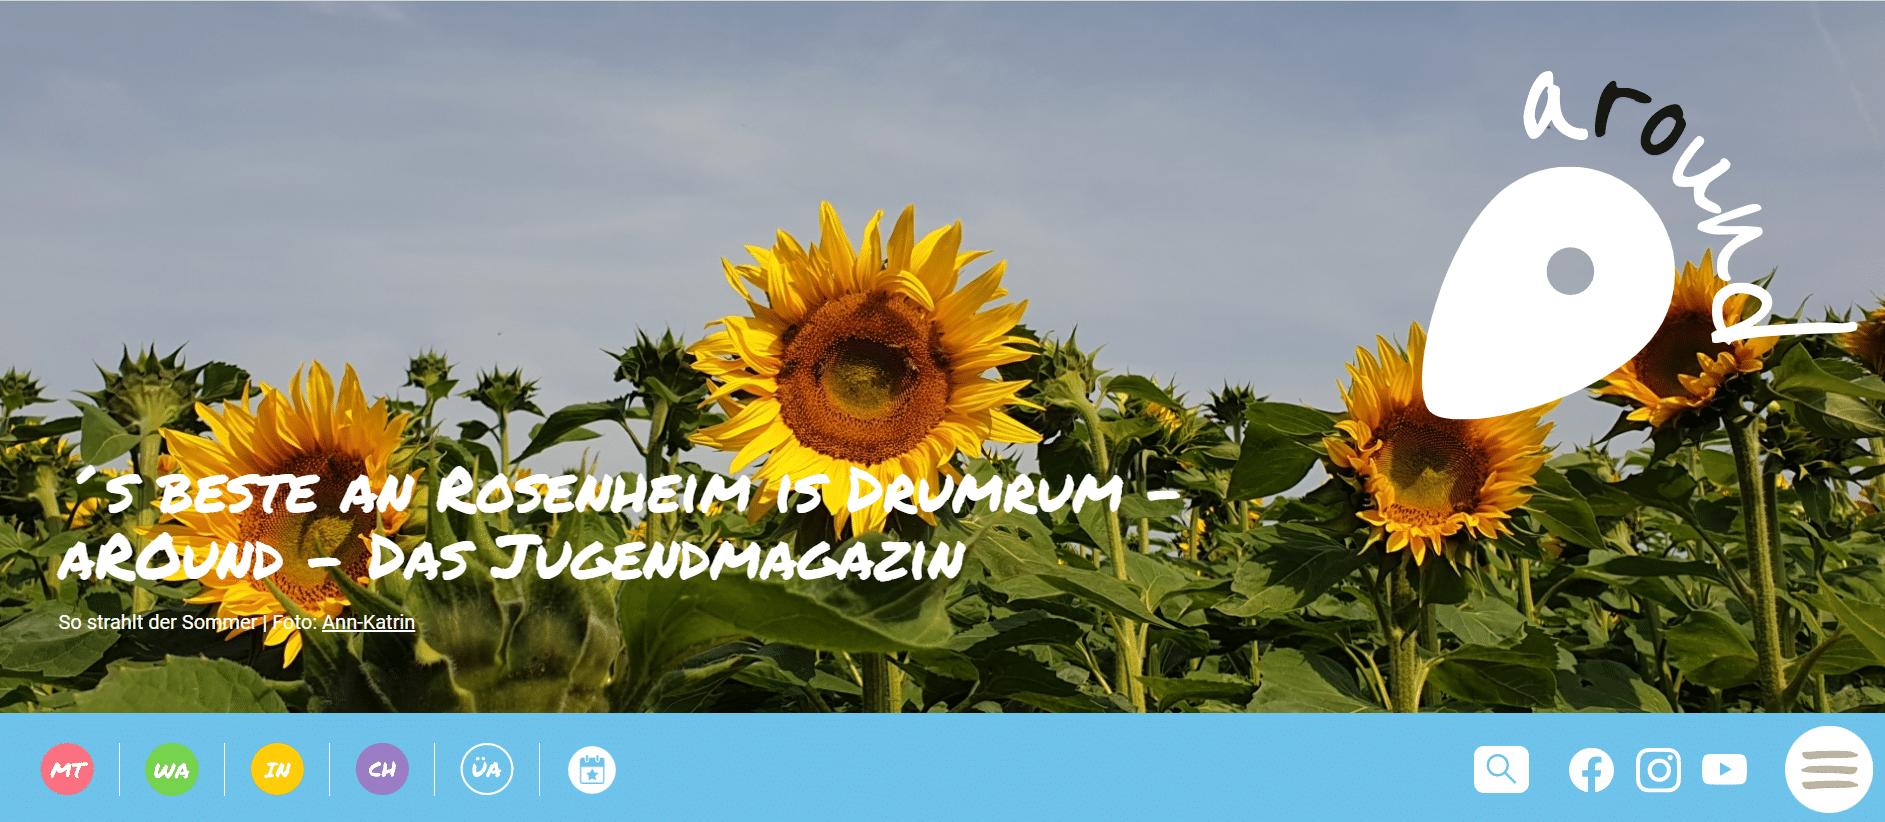 AROUND Screenshot - Kommunale Jugendarbeit Rosenheim – Präsentation zweier Erfolgsprojekte